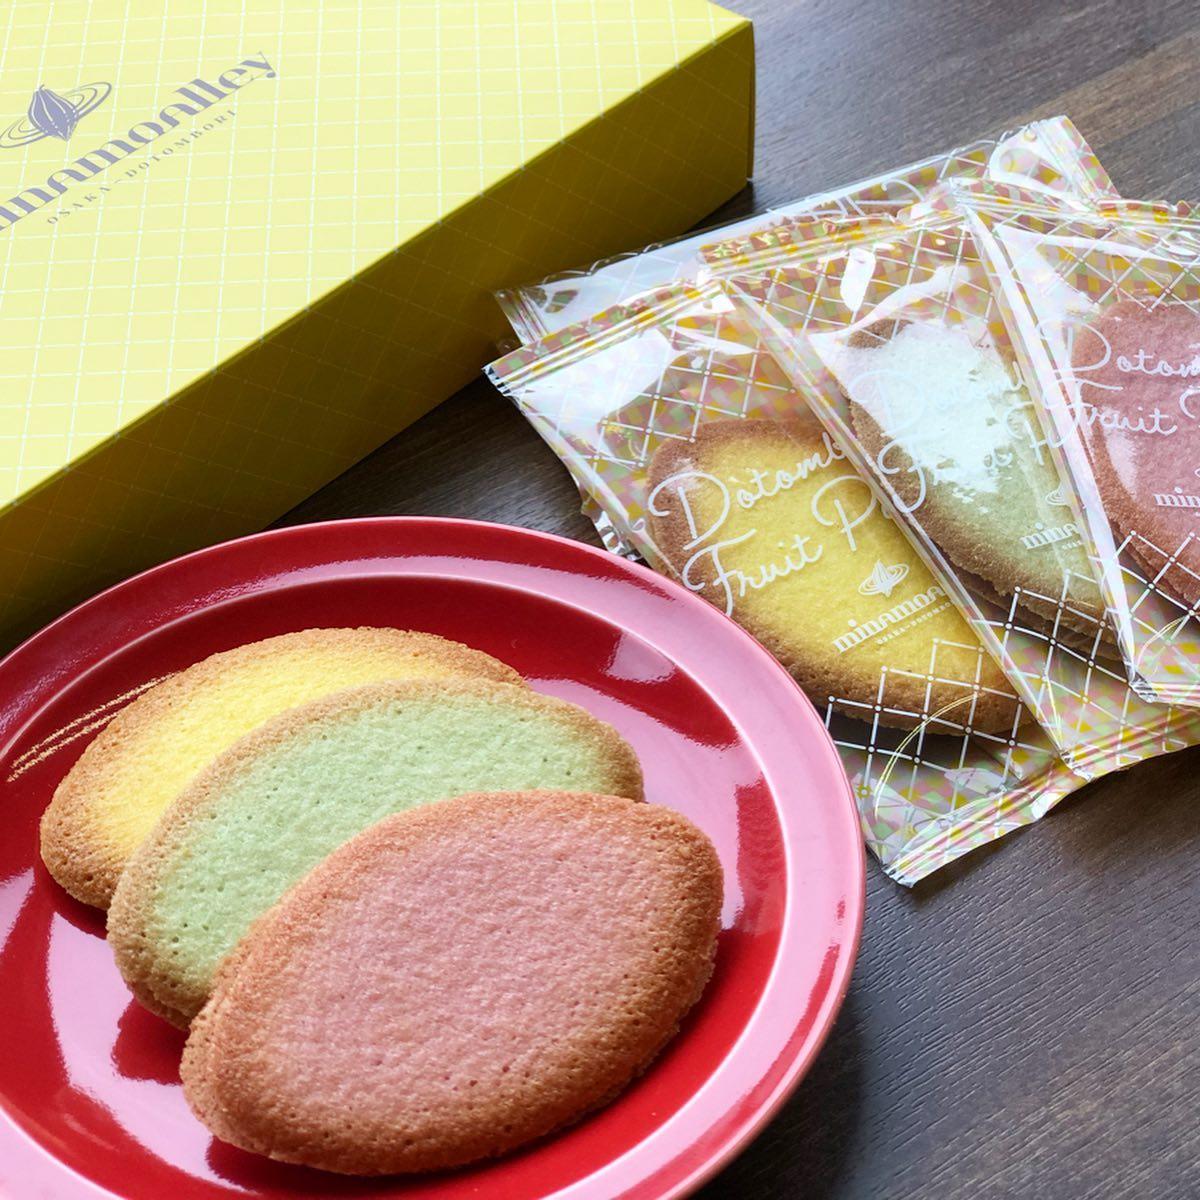 新大阪駅で人気のお土産30選!食い倒れの街が誇る外さない美味しいお土産をまとめました!